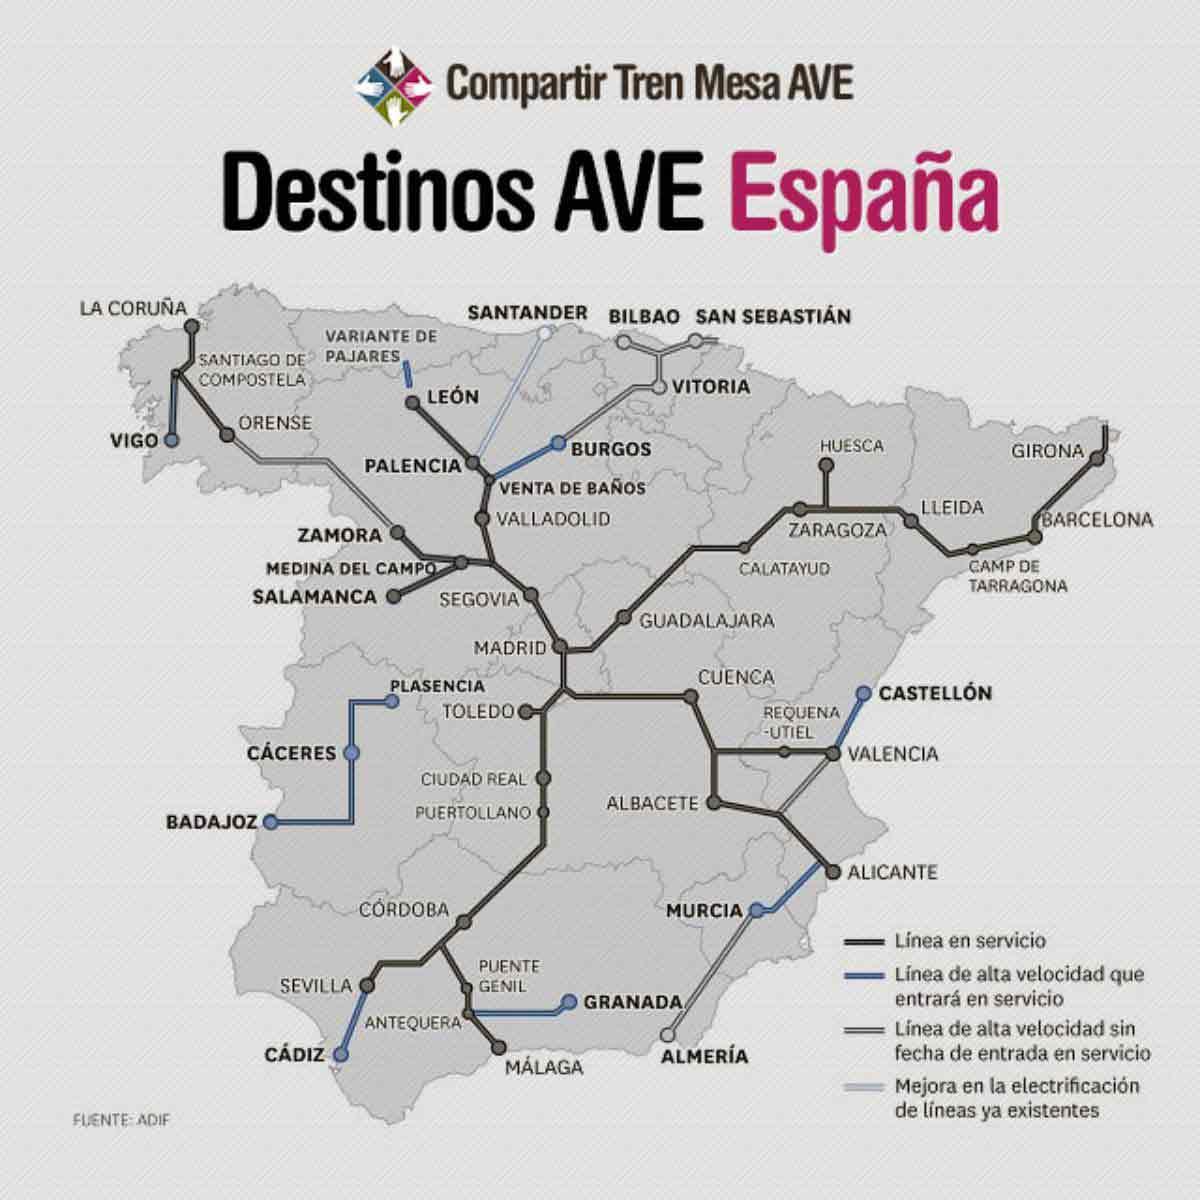 Nuevos Destinos AVE abiertos y nuevas ciudades AVE